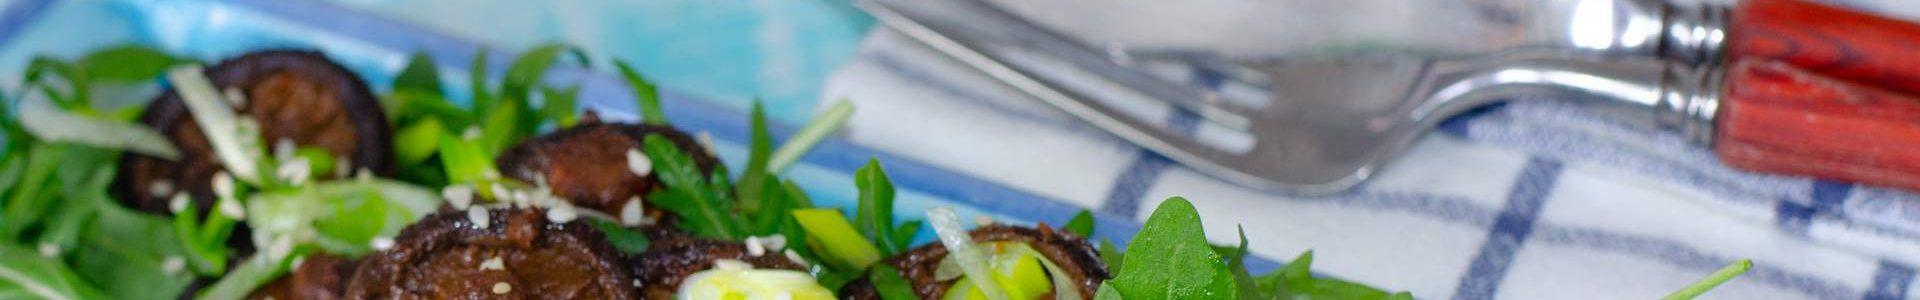 Закуска из грибов шиитаке с кунжутом